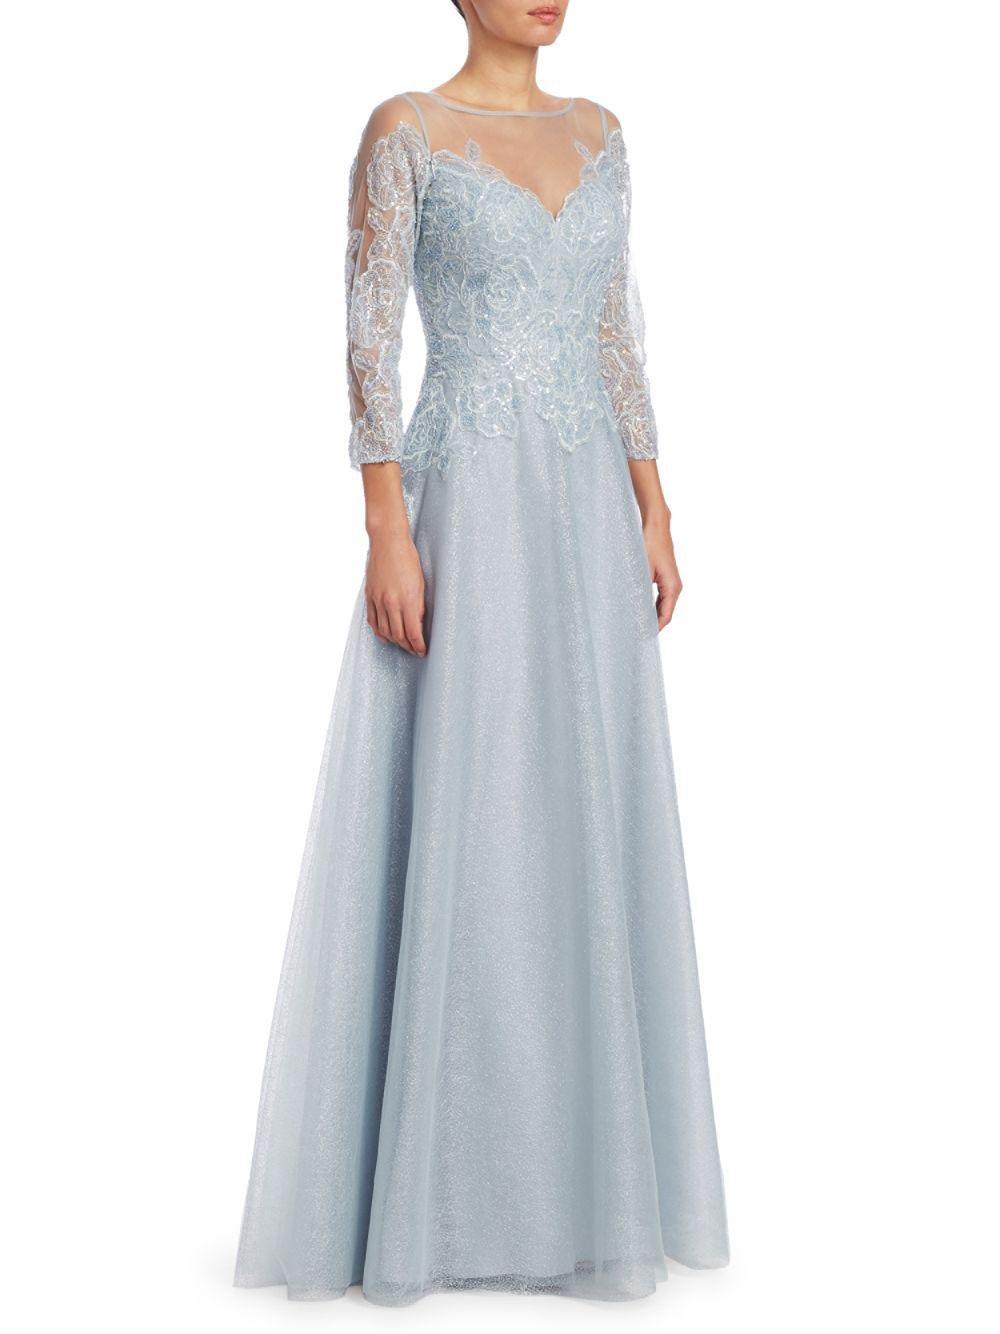 3ac006d953bf Lyst - Teri Jon Metallic Illusion Ball Gown in Blue - Save 31%